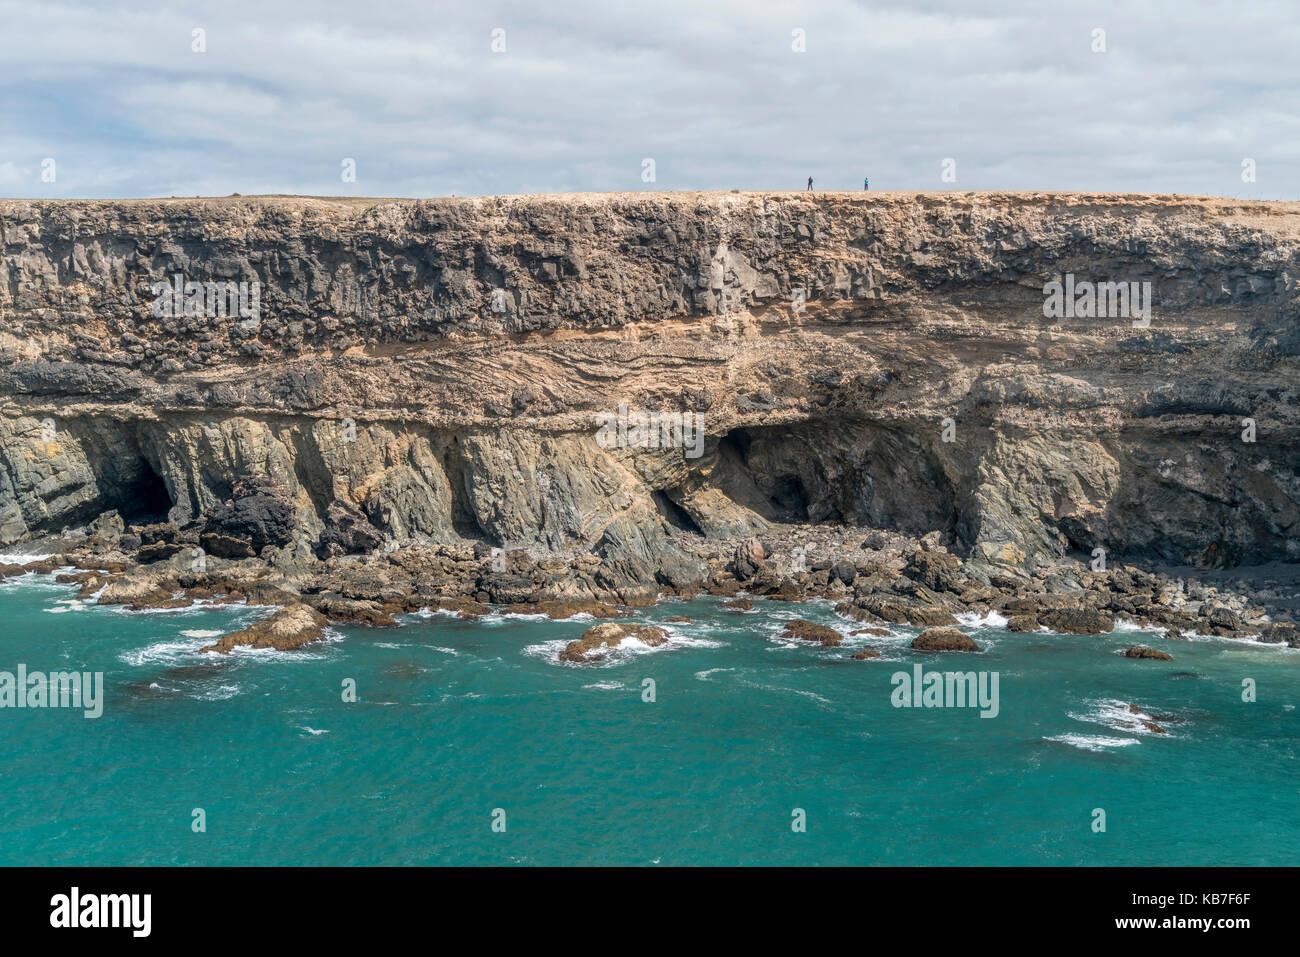 Piratenhöhlen in der Caleta negra, der schwarzen Bucht bei Ajuy, Kanarische Inseln, Spanien     pirate caves - Stock Image